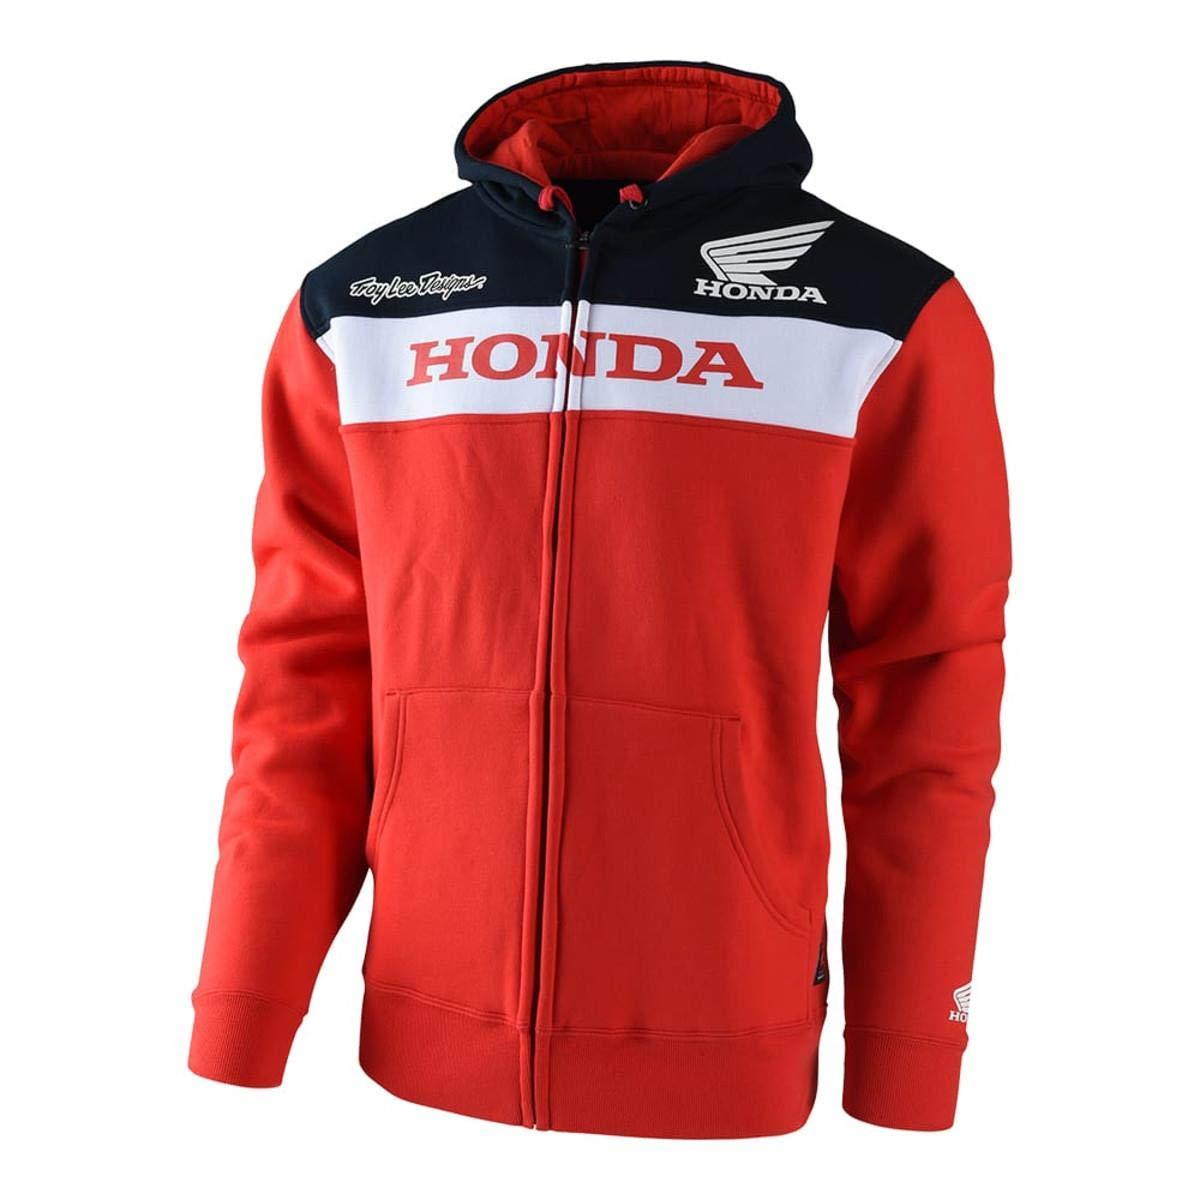 - Troy Lee Designs Men's 2017 Honda Zip Up Hoodie